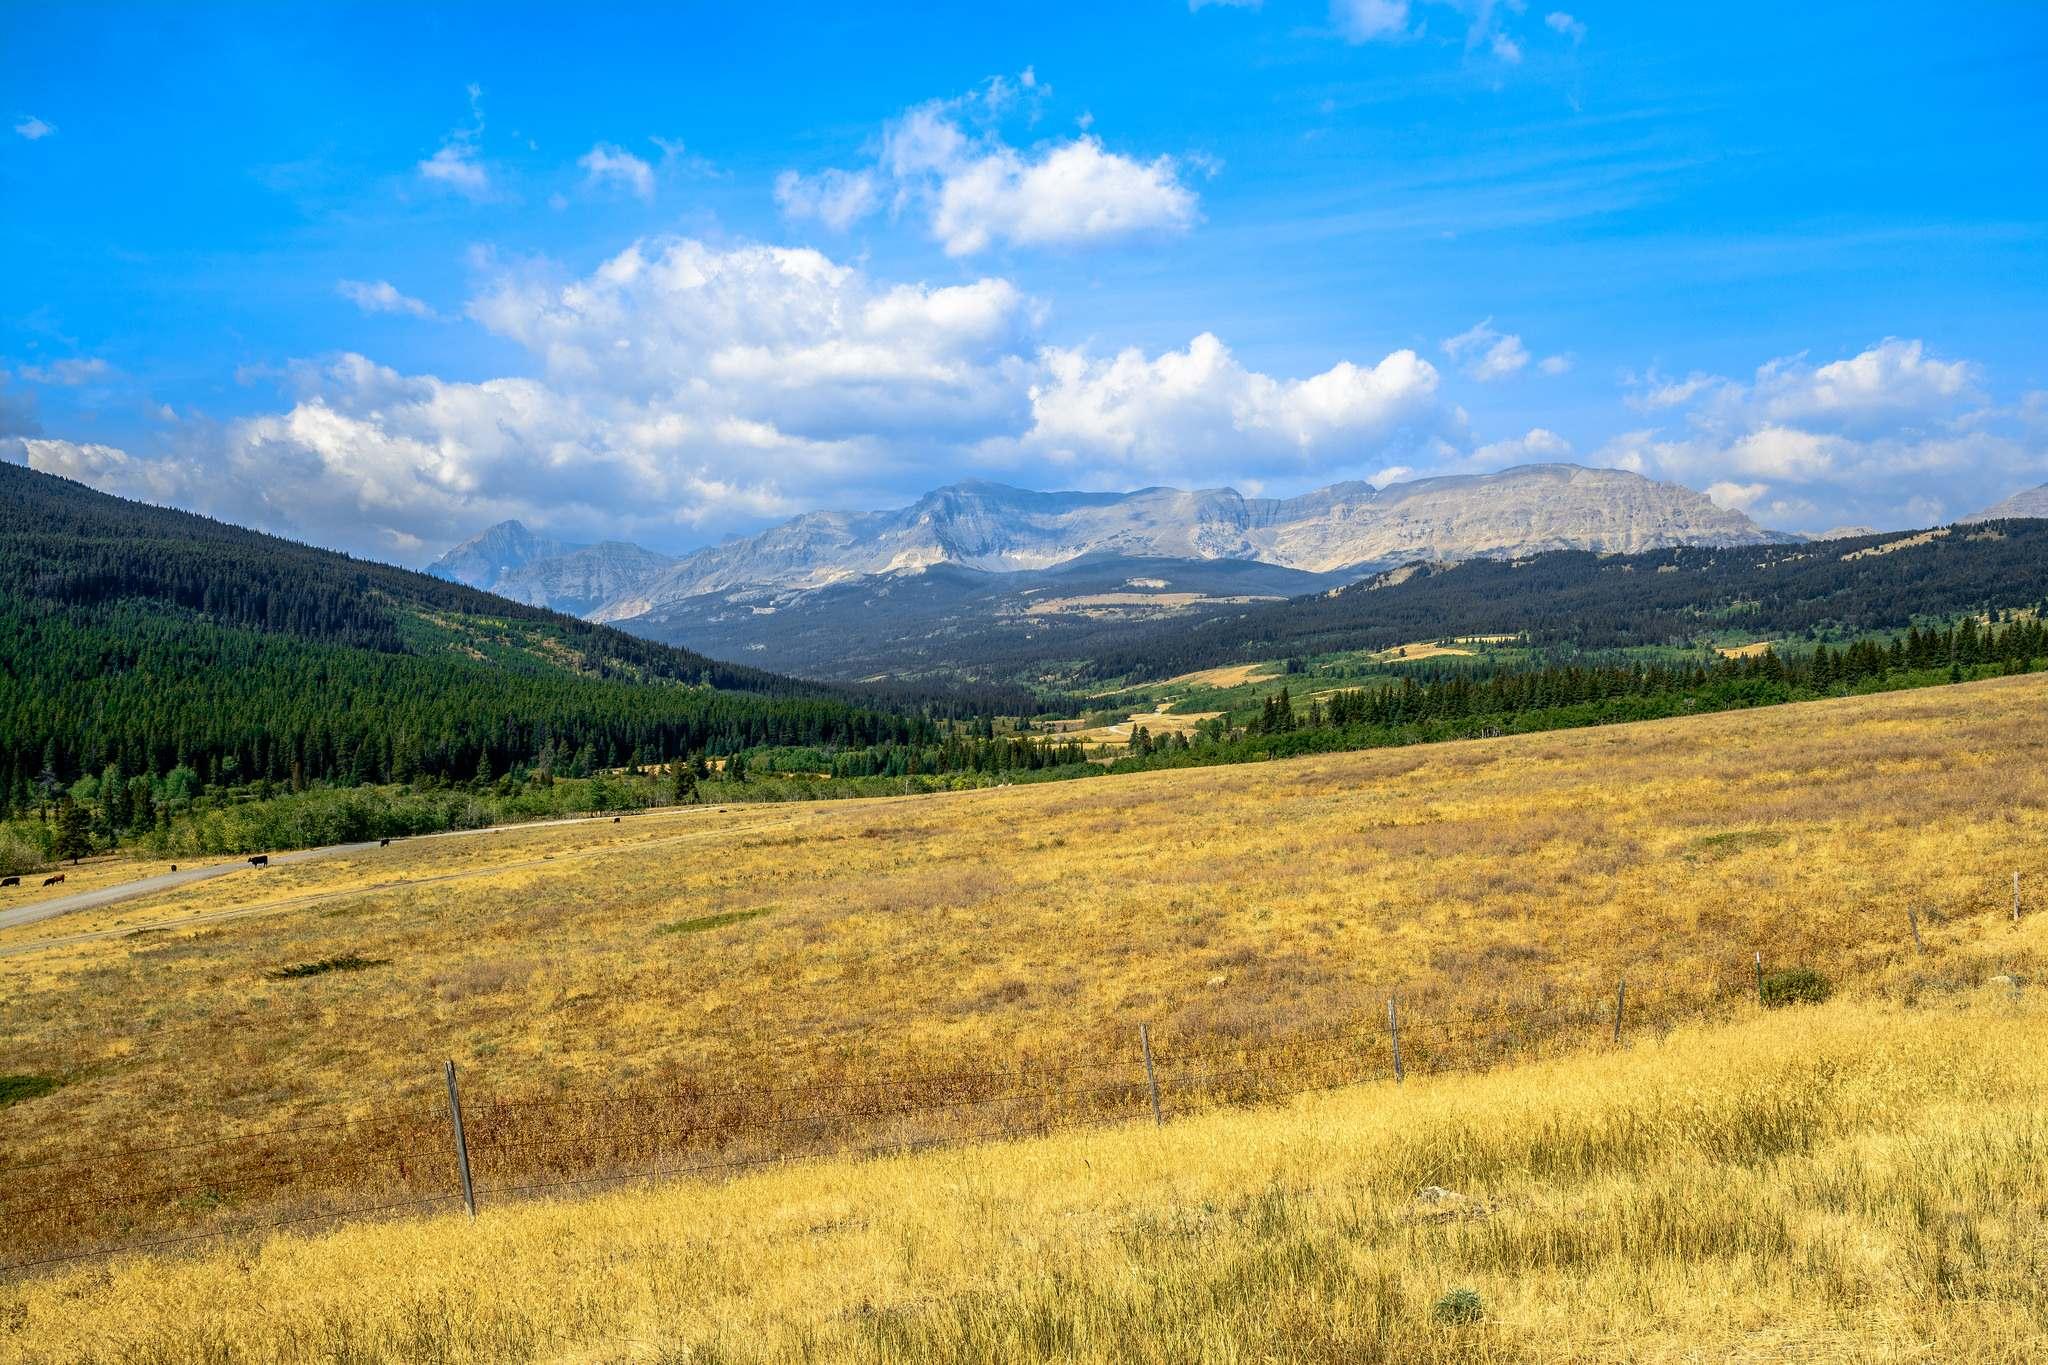 glacier national park15 Scenic Glacier National Park, Montana